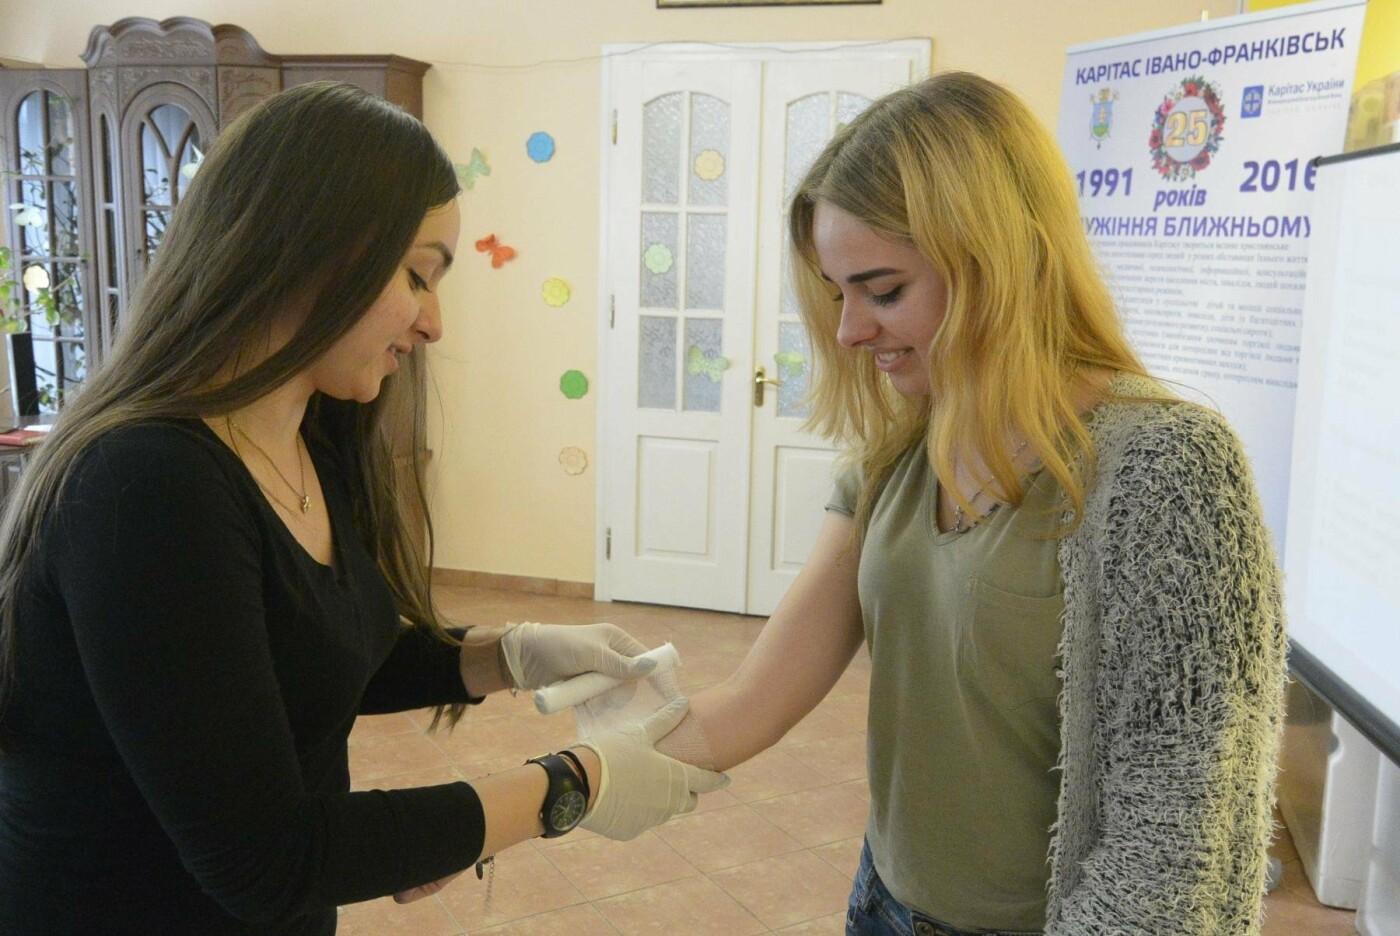 Франківський Карітас проводить навчальні тренінги для волонтерів. ФОТО, фото-4